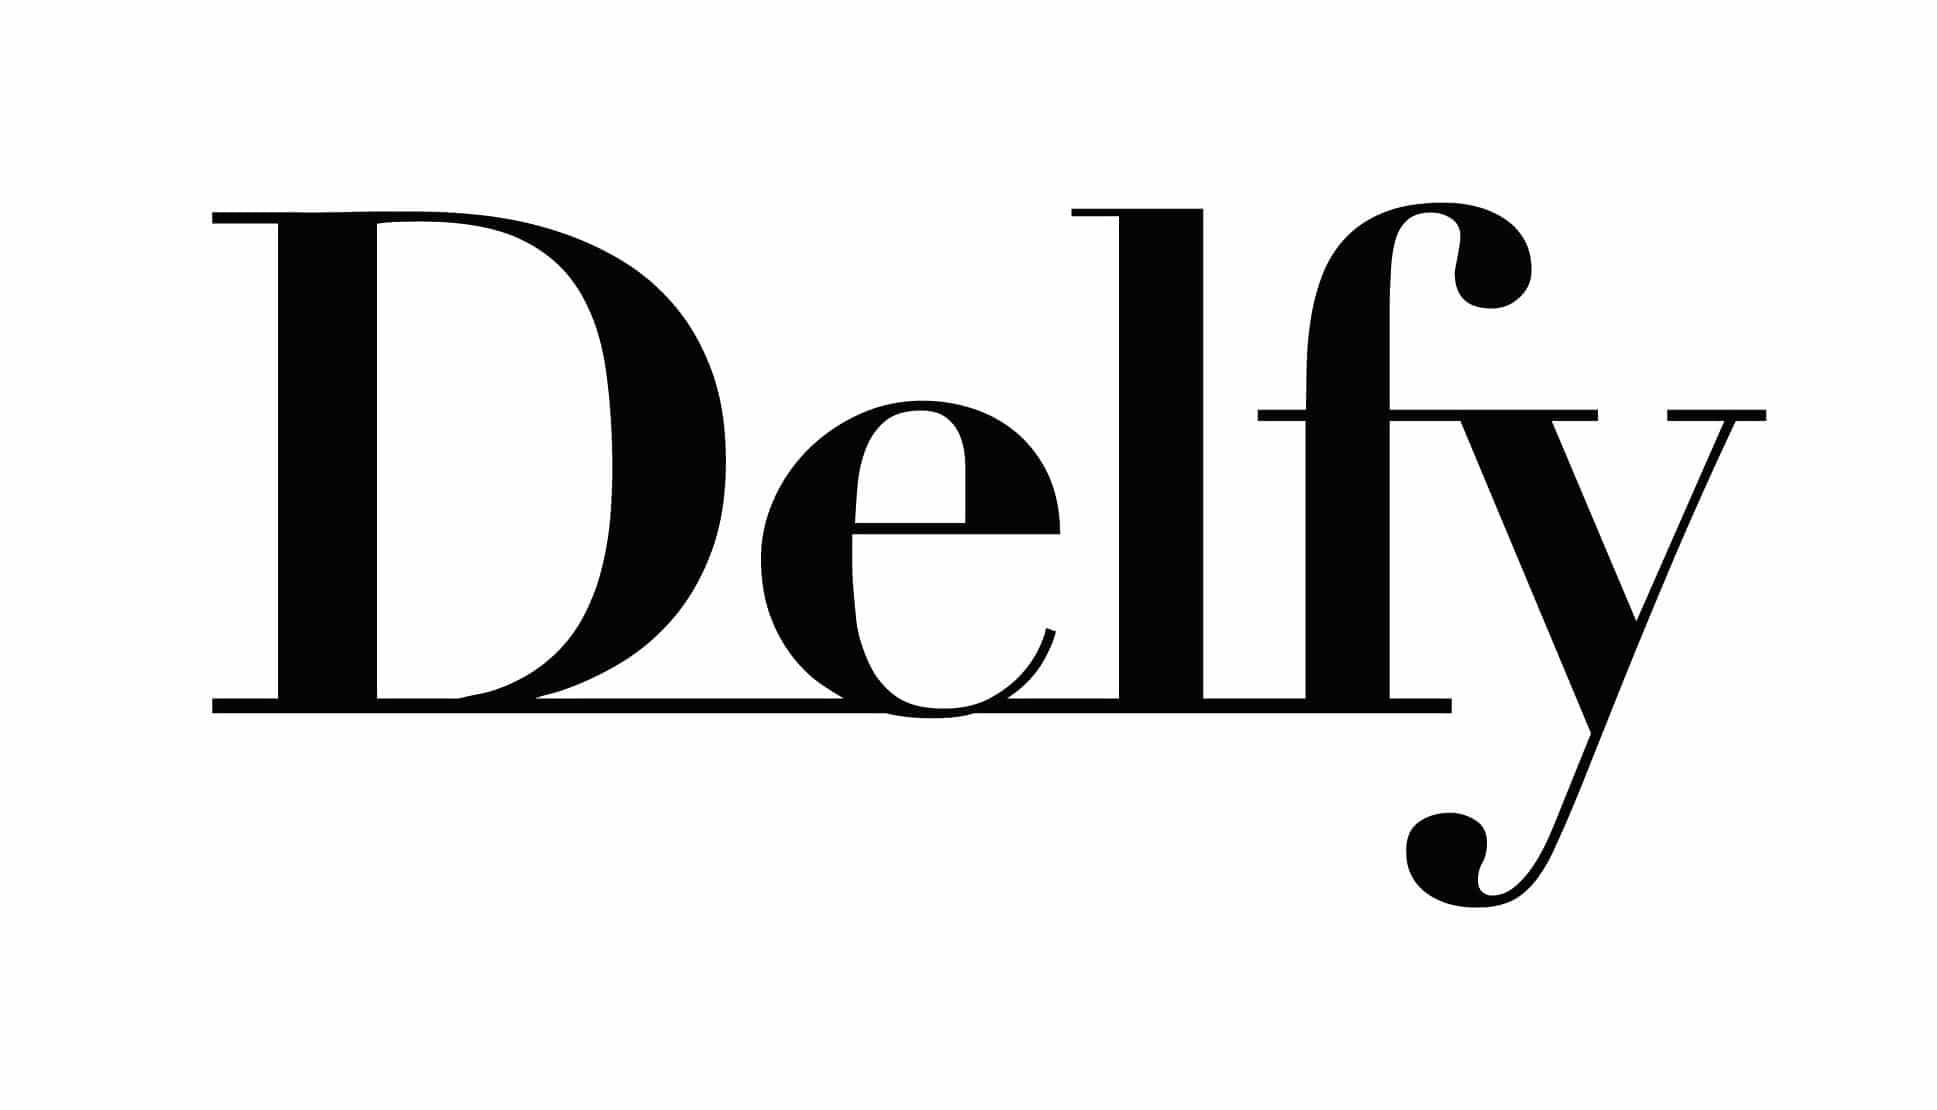 Logotipo de DELPHY COSMETICS